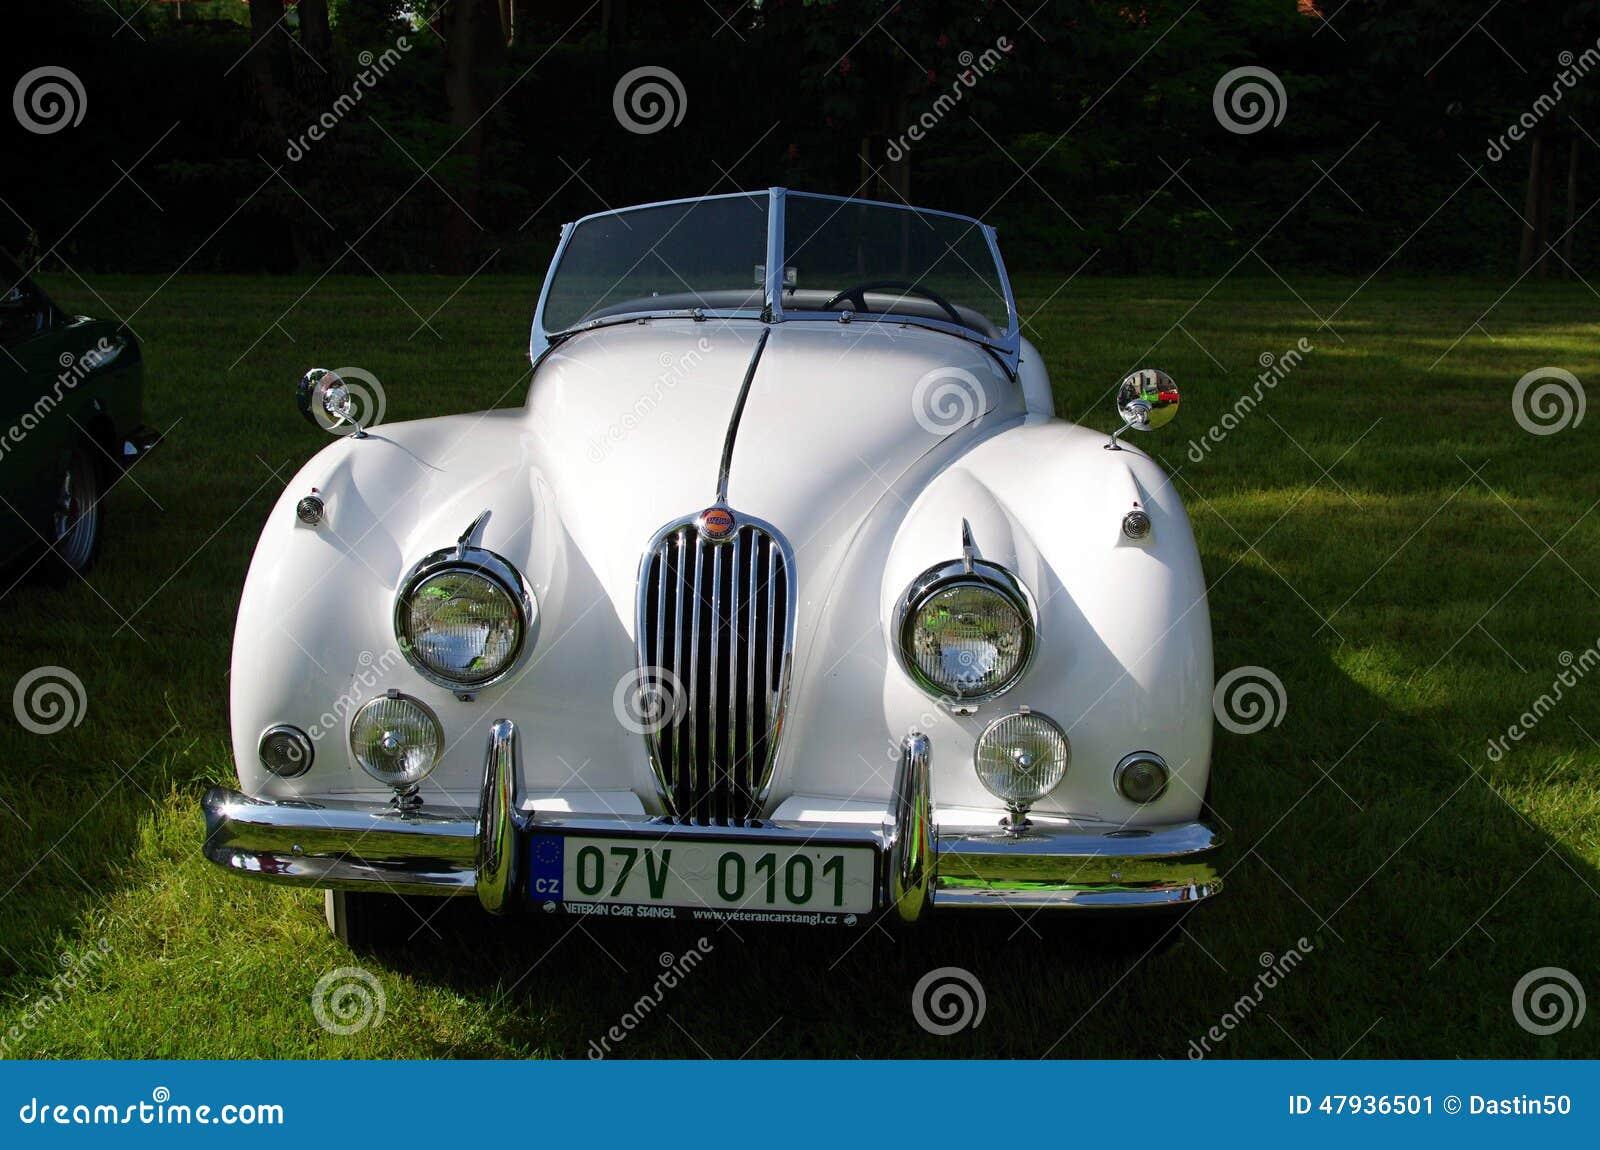 voiture ancienne jaguar photo ditorial image 47936501. Black Bedroom Furniture Sets. Home Design Ideas